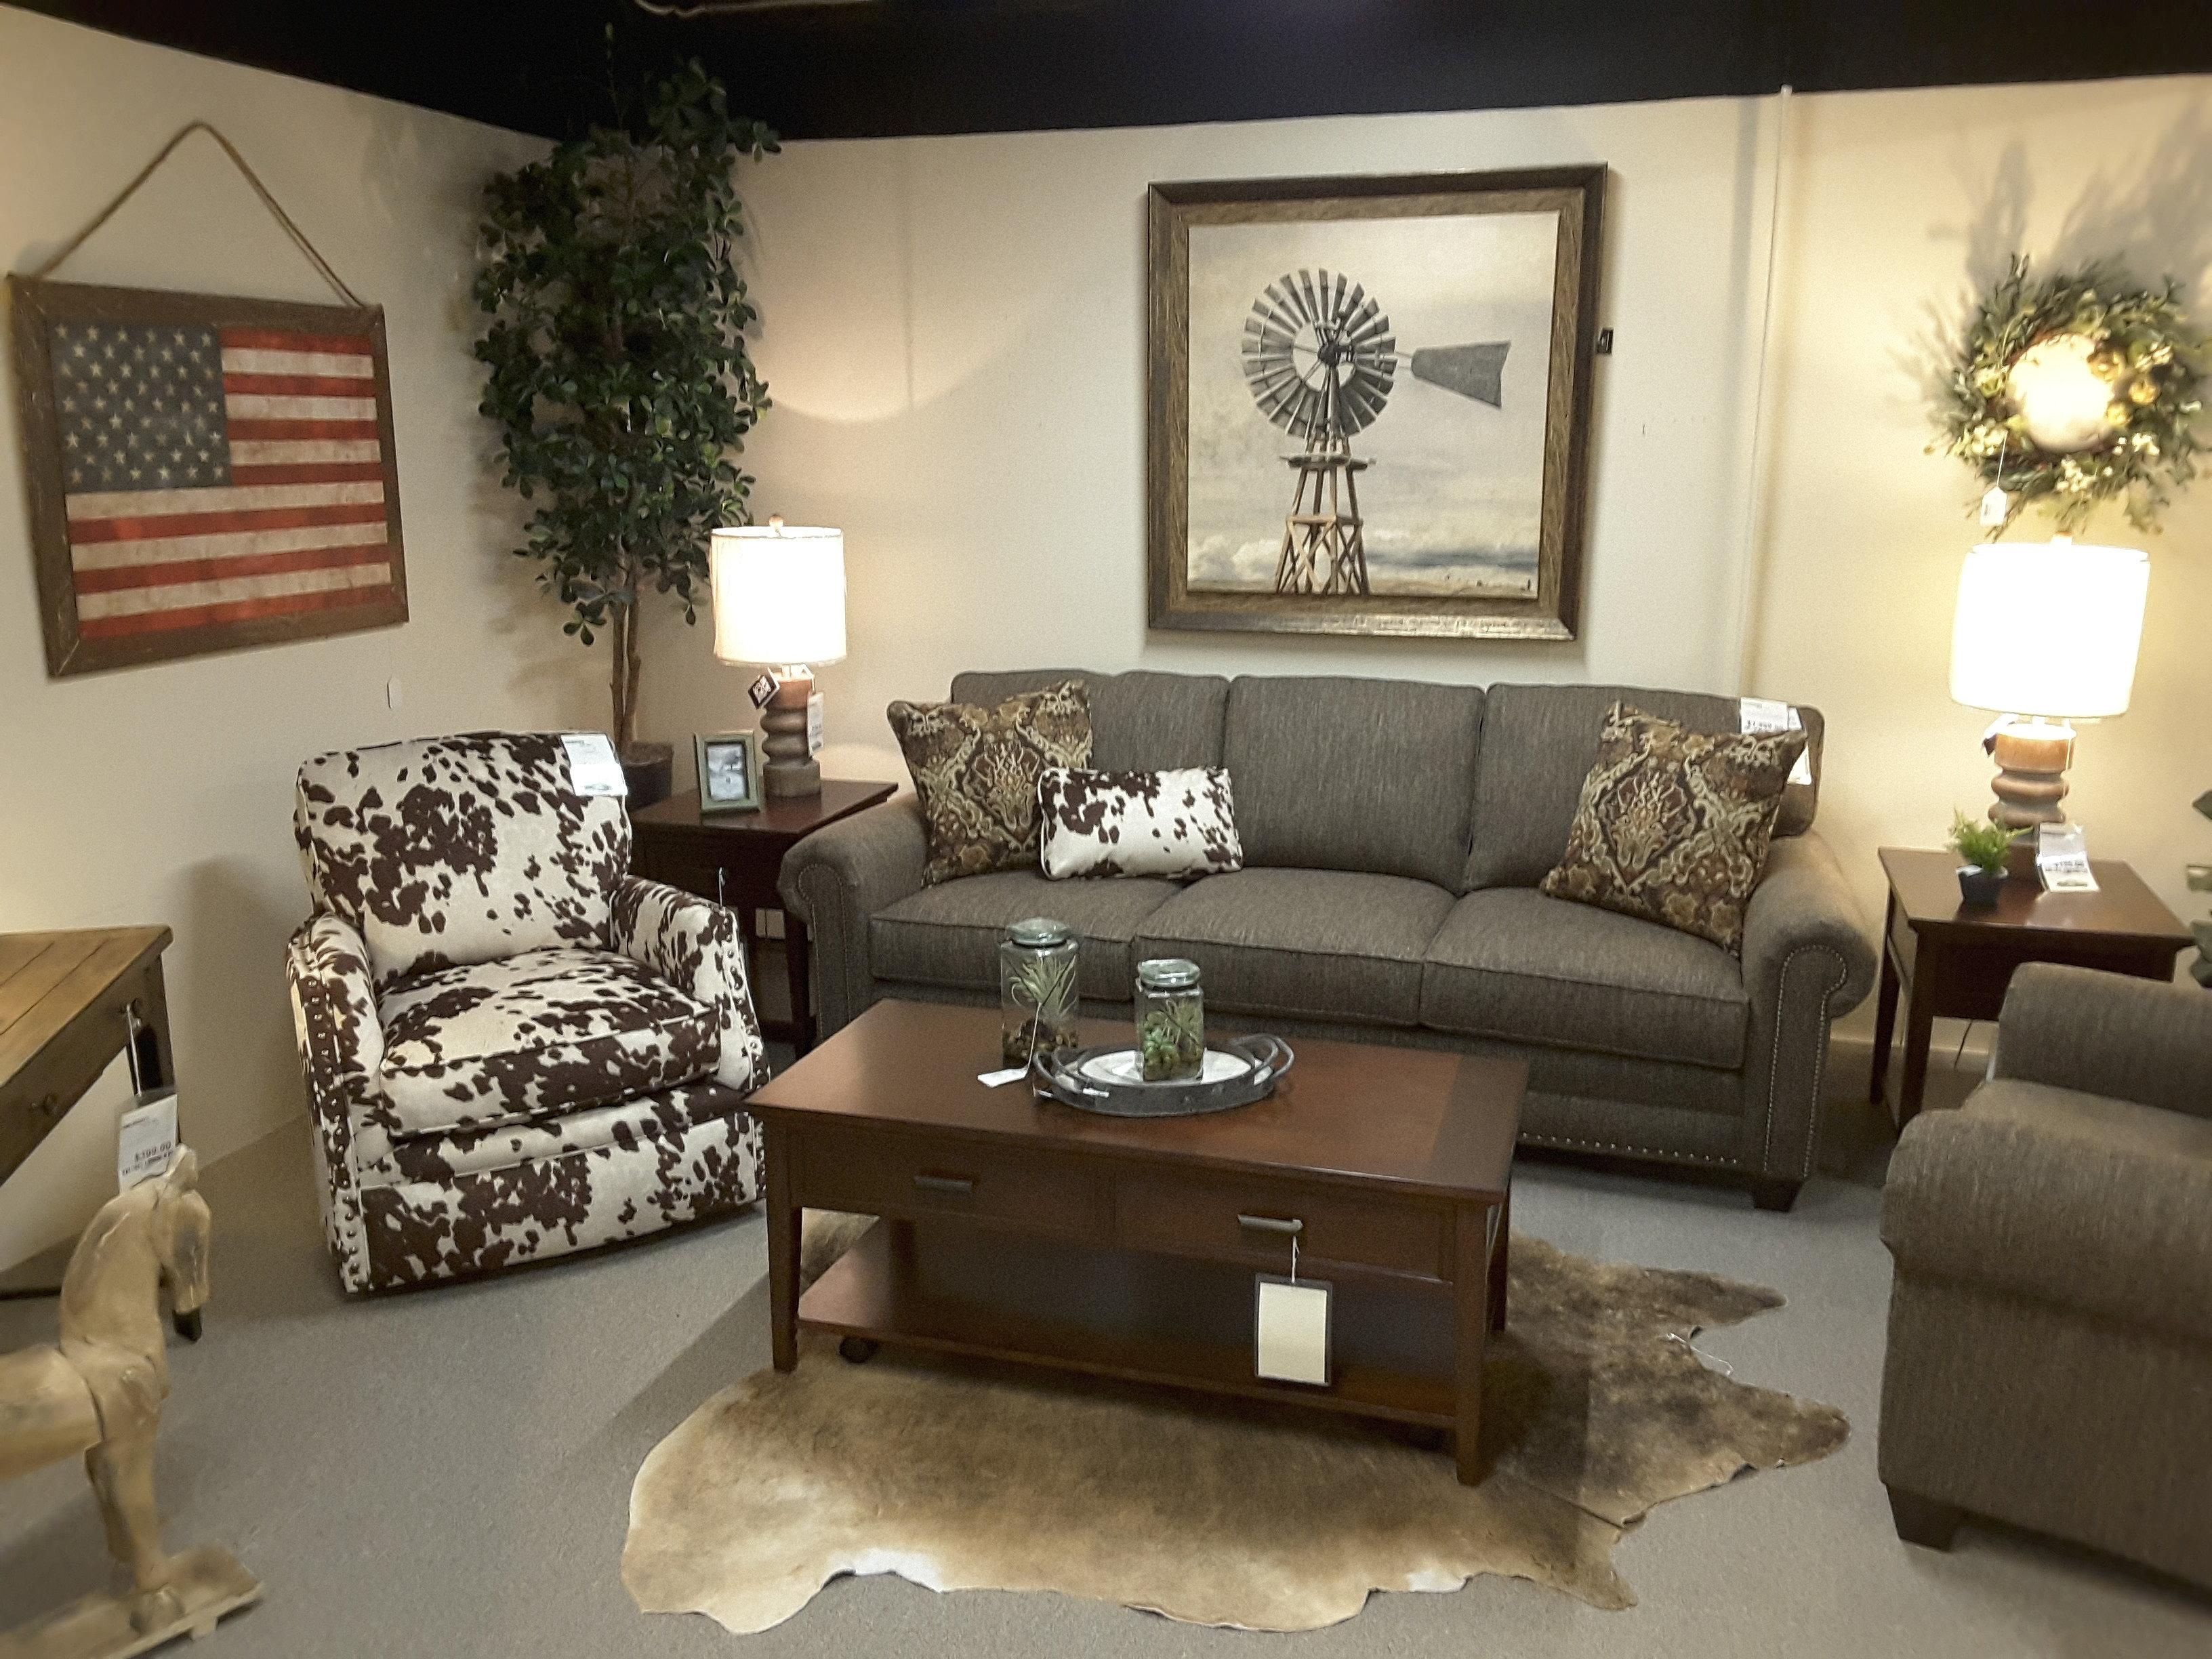 Green Mountain Furniture Nh #31: Green Mountain Furniture | Ossipee, NH | S9 235 U0026amp; 526 9-16.